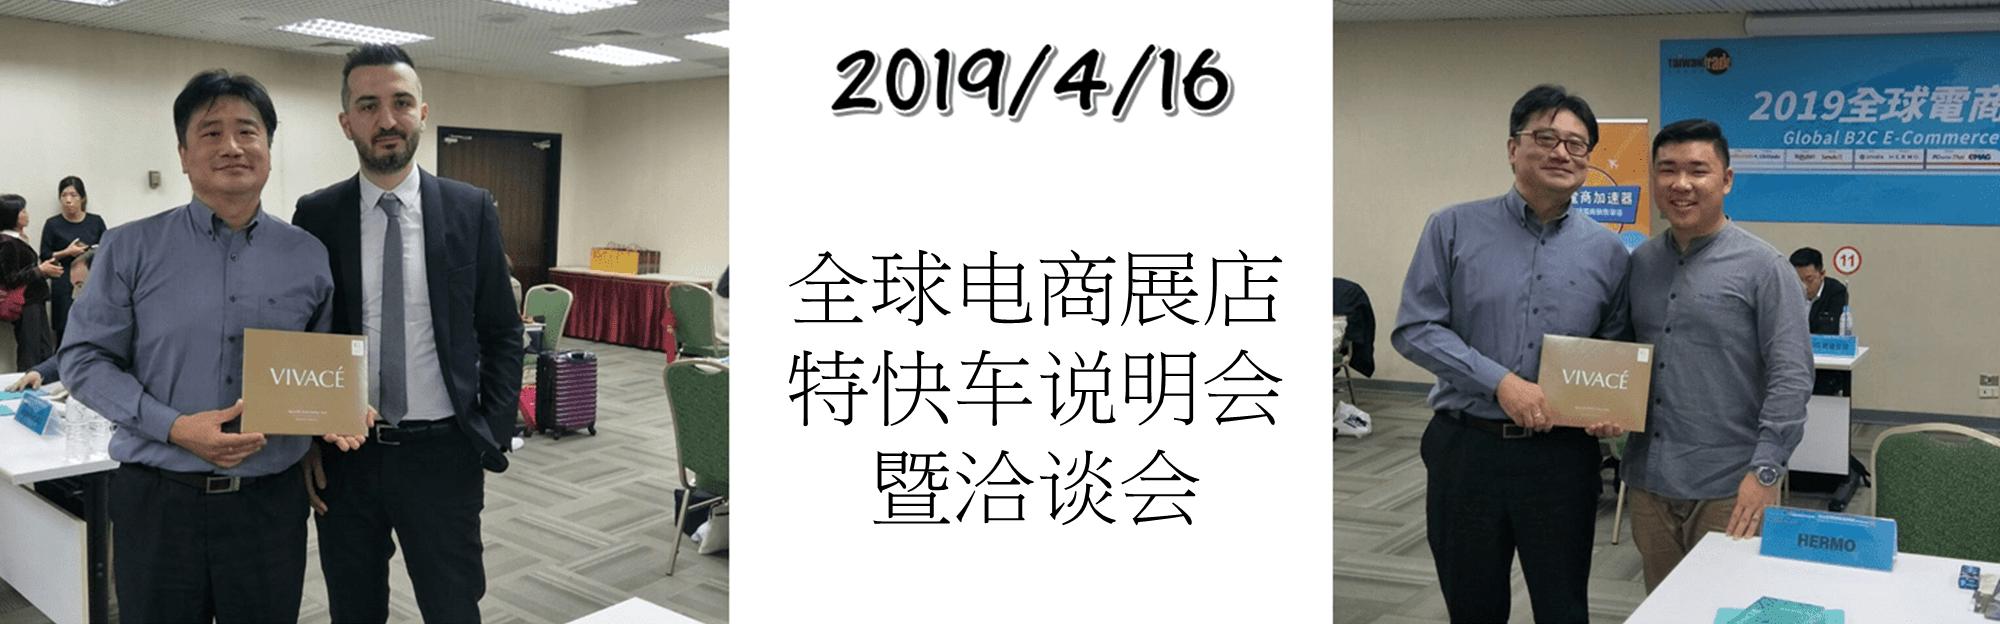 20190416 說明會級洽談會(簡中)